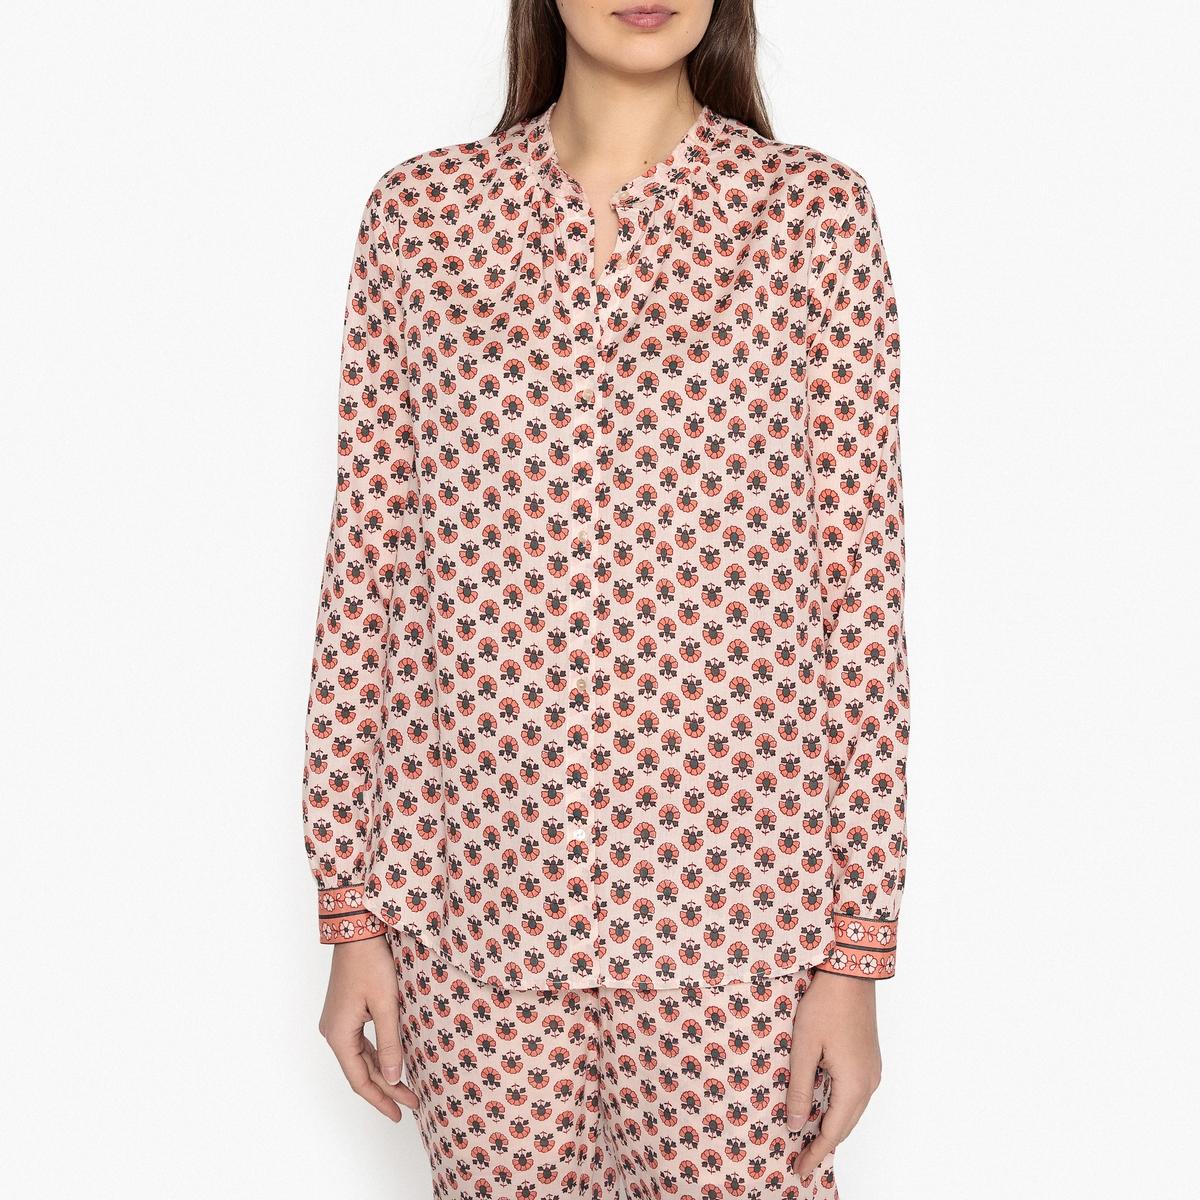 Блузка MAISON SCOTCH 15515339 от LaRedoute